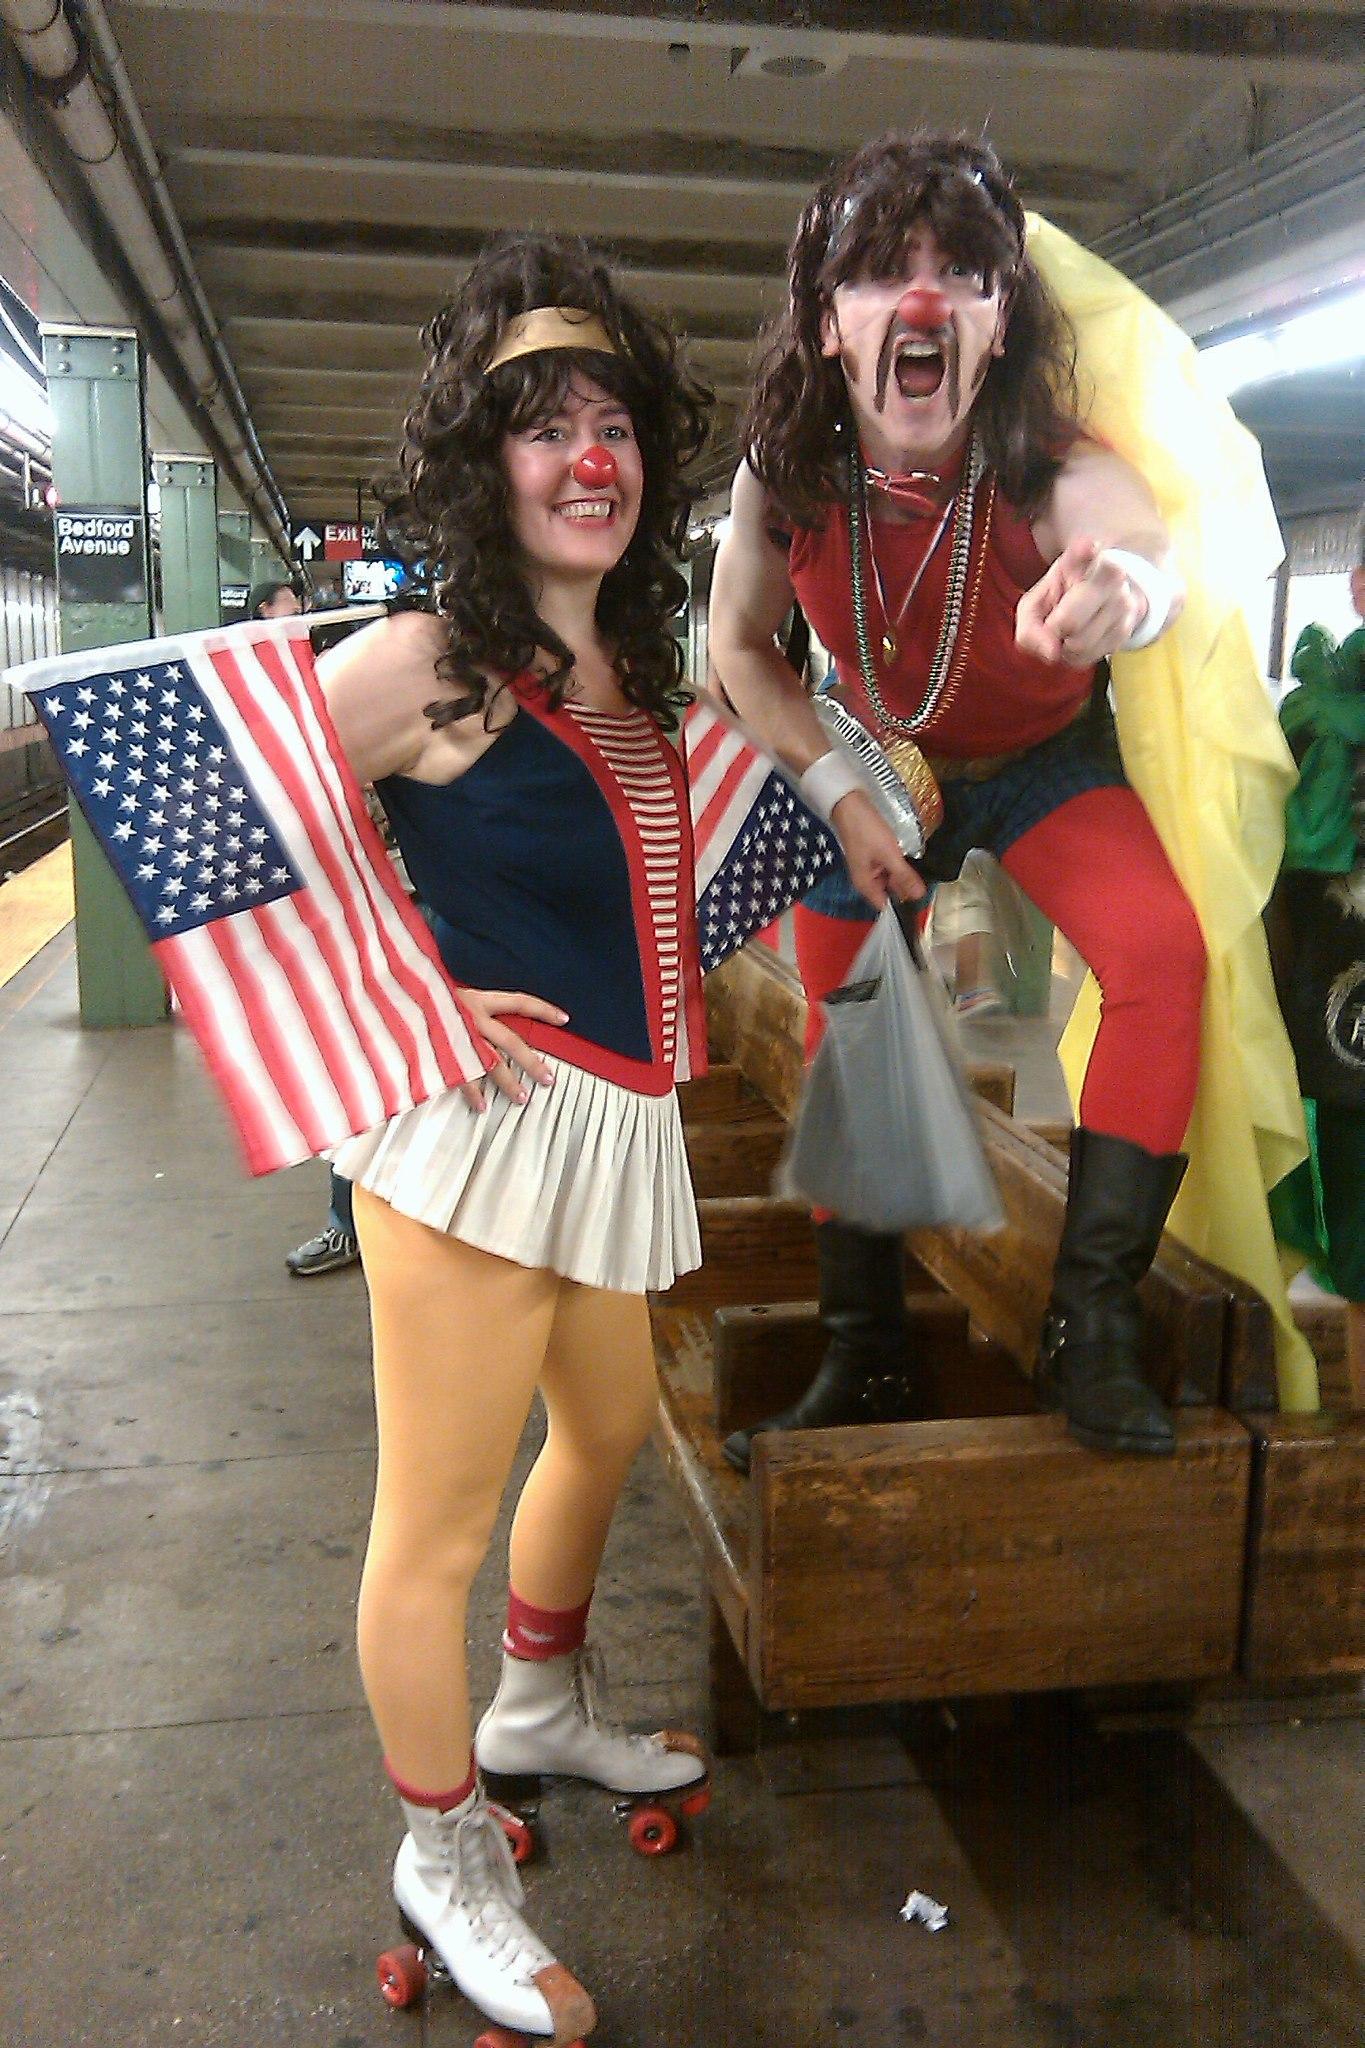 Clown Parad - A-Pie-Calypse